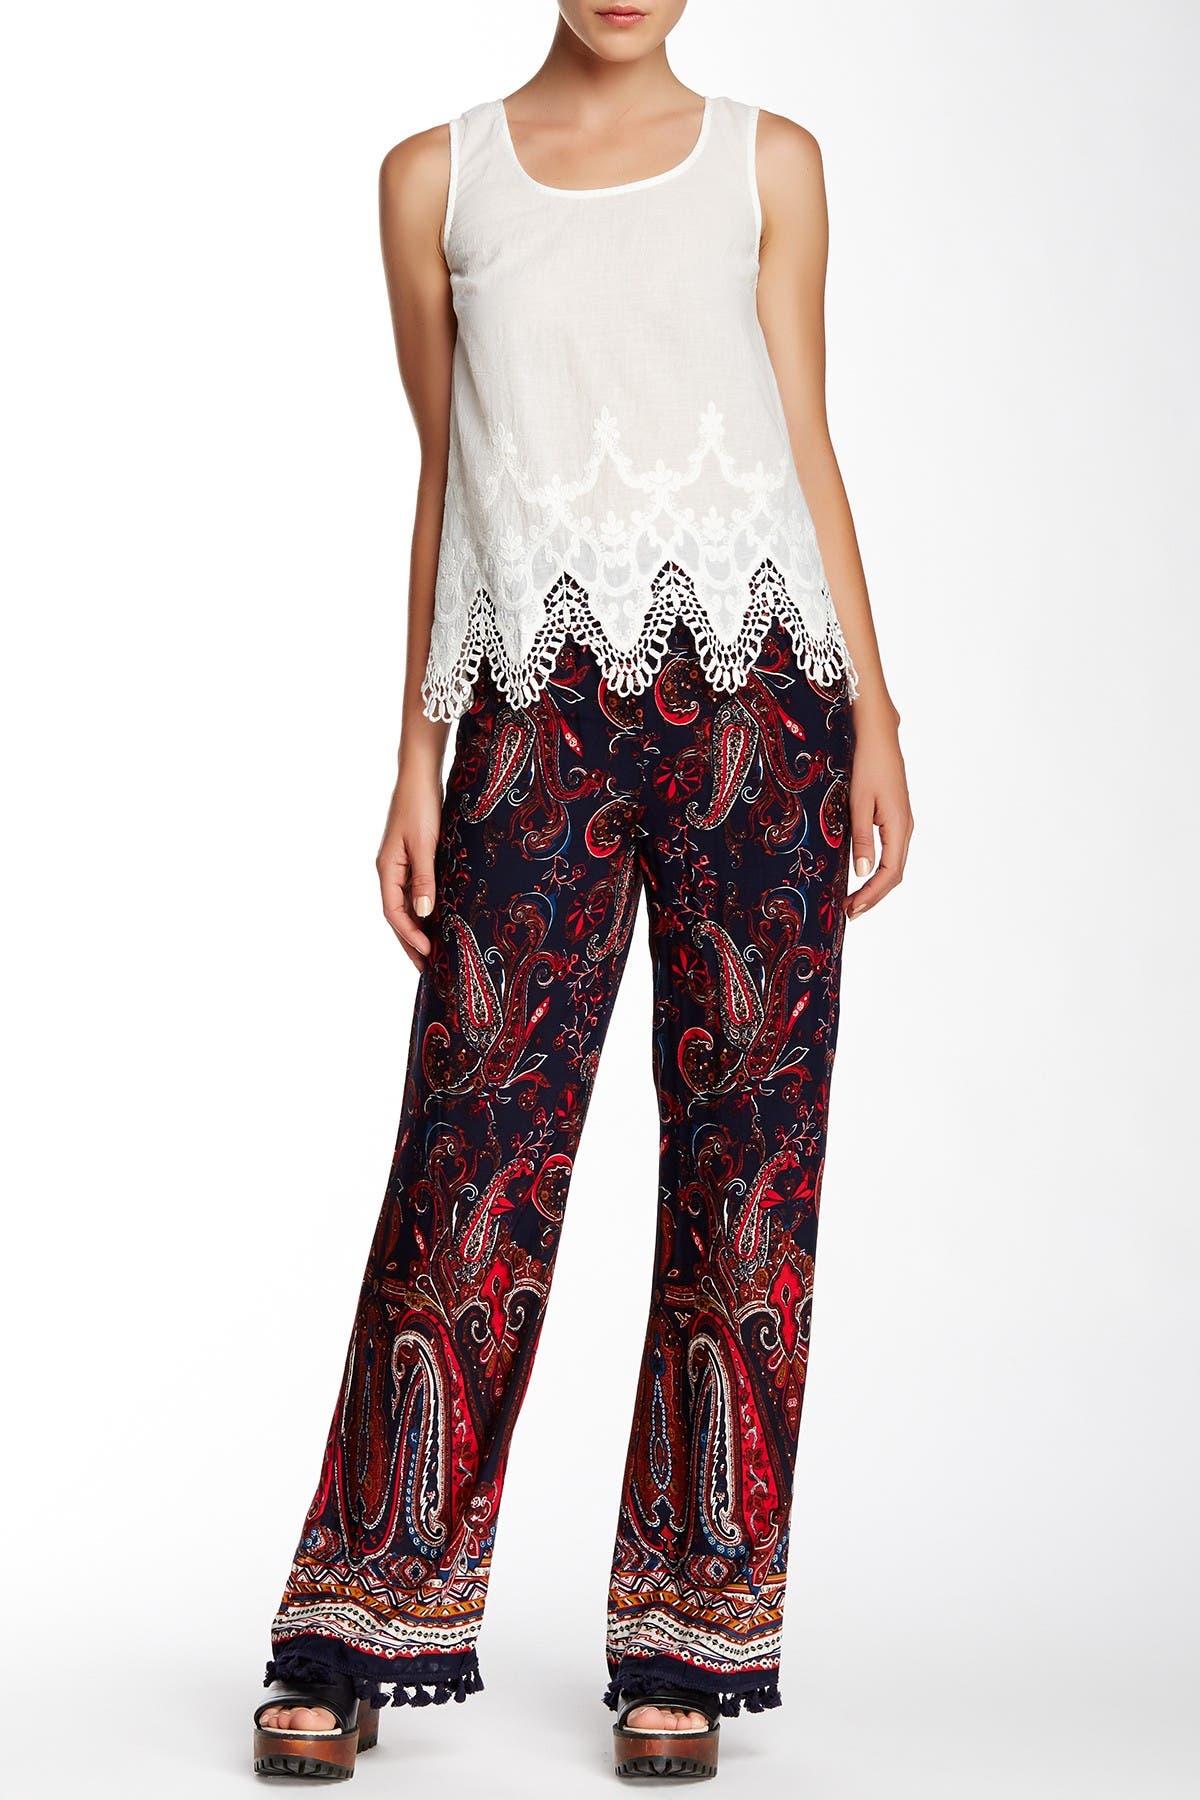 Image of Blu Pepper Printed Pants